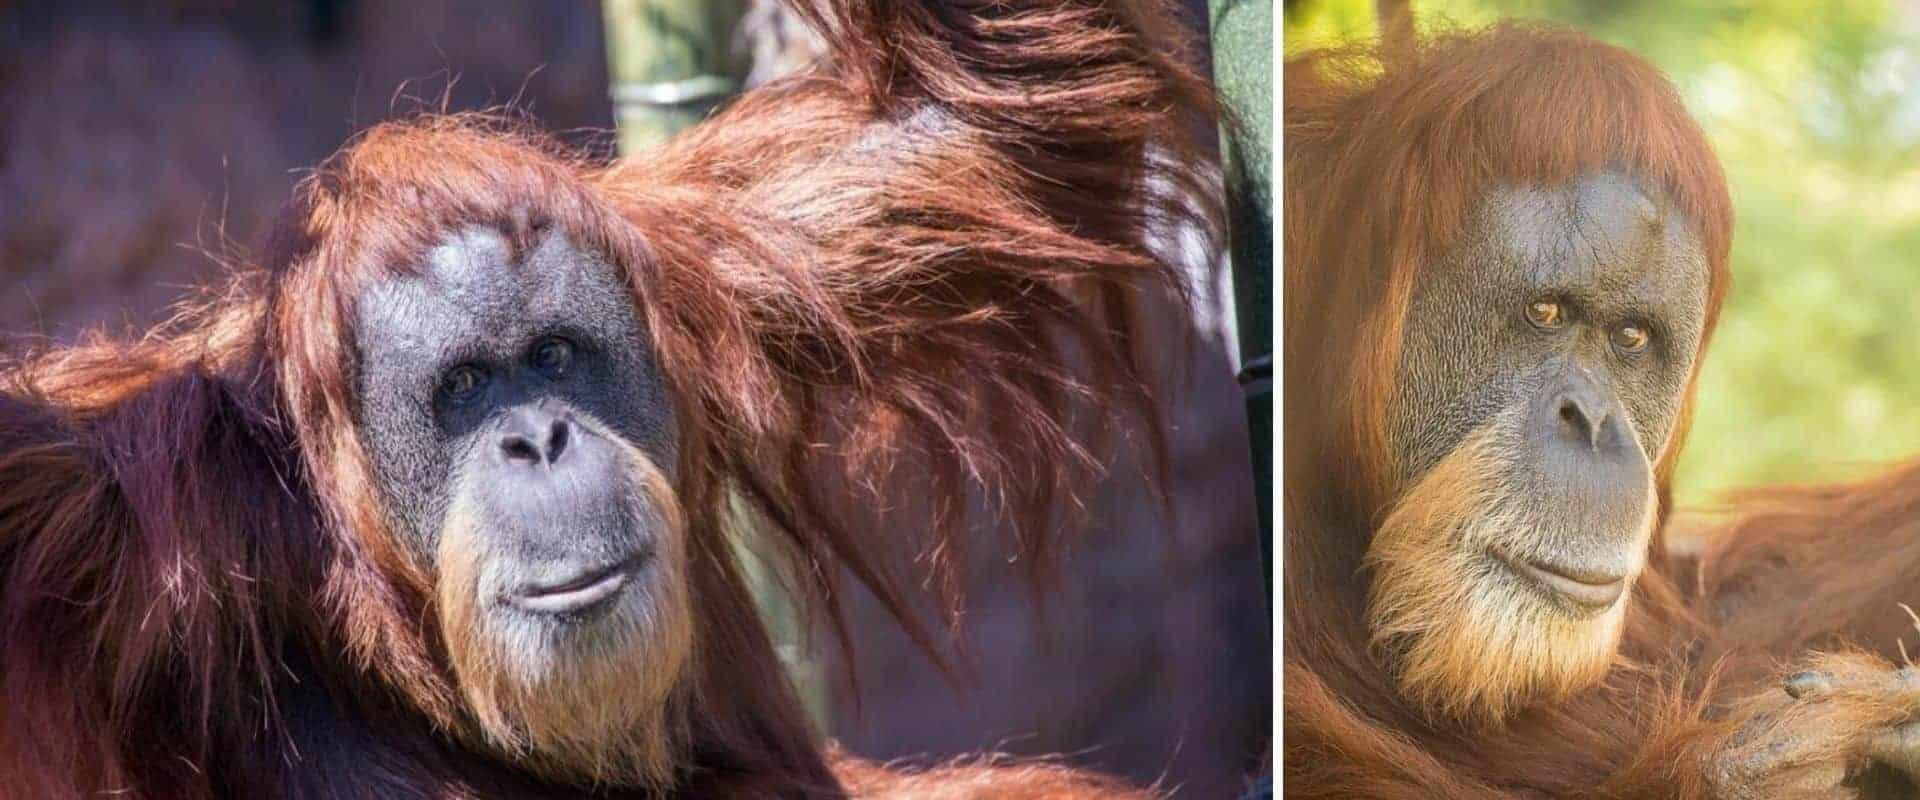 Falleció la orangután más longeva del mundo a los 61 años